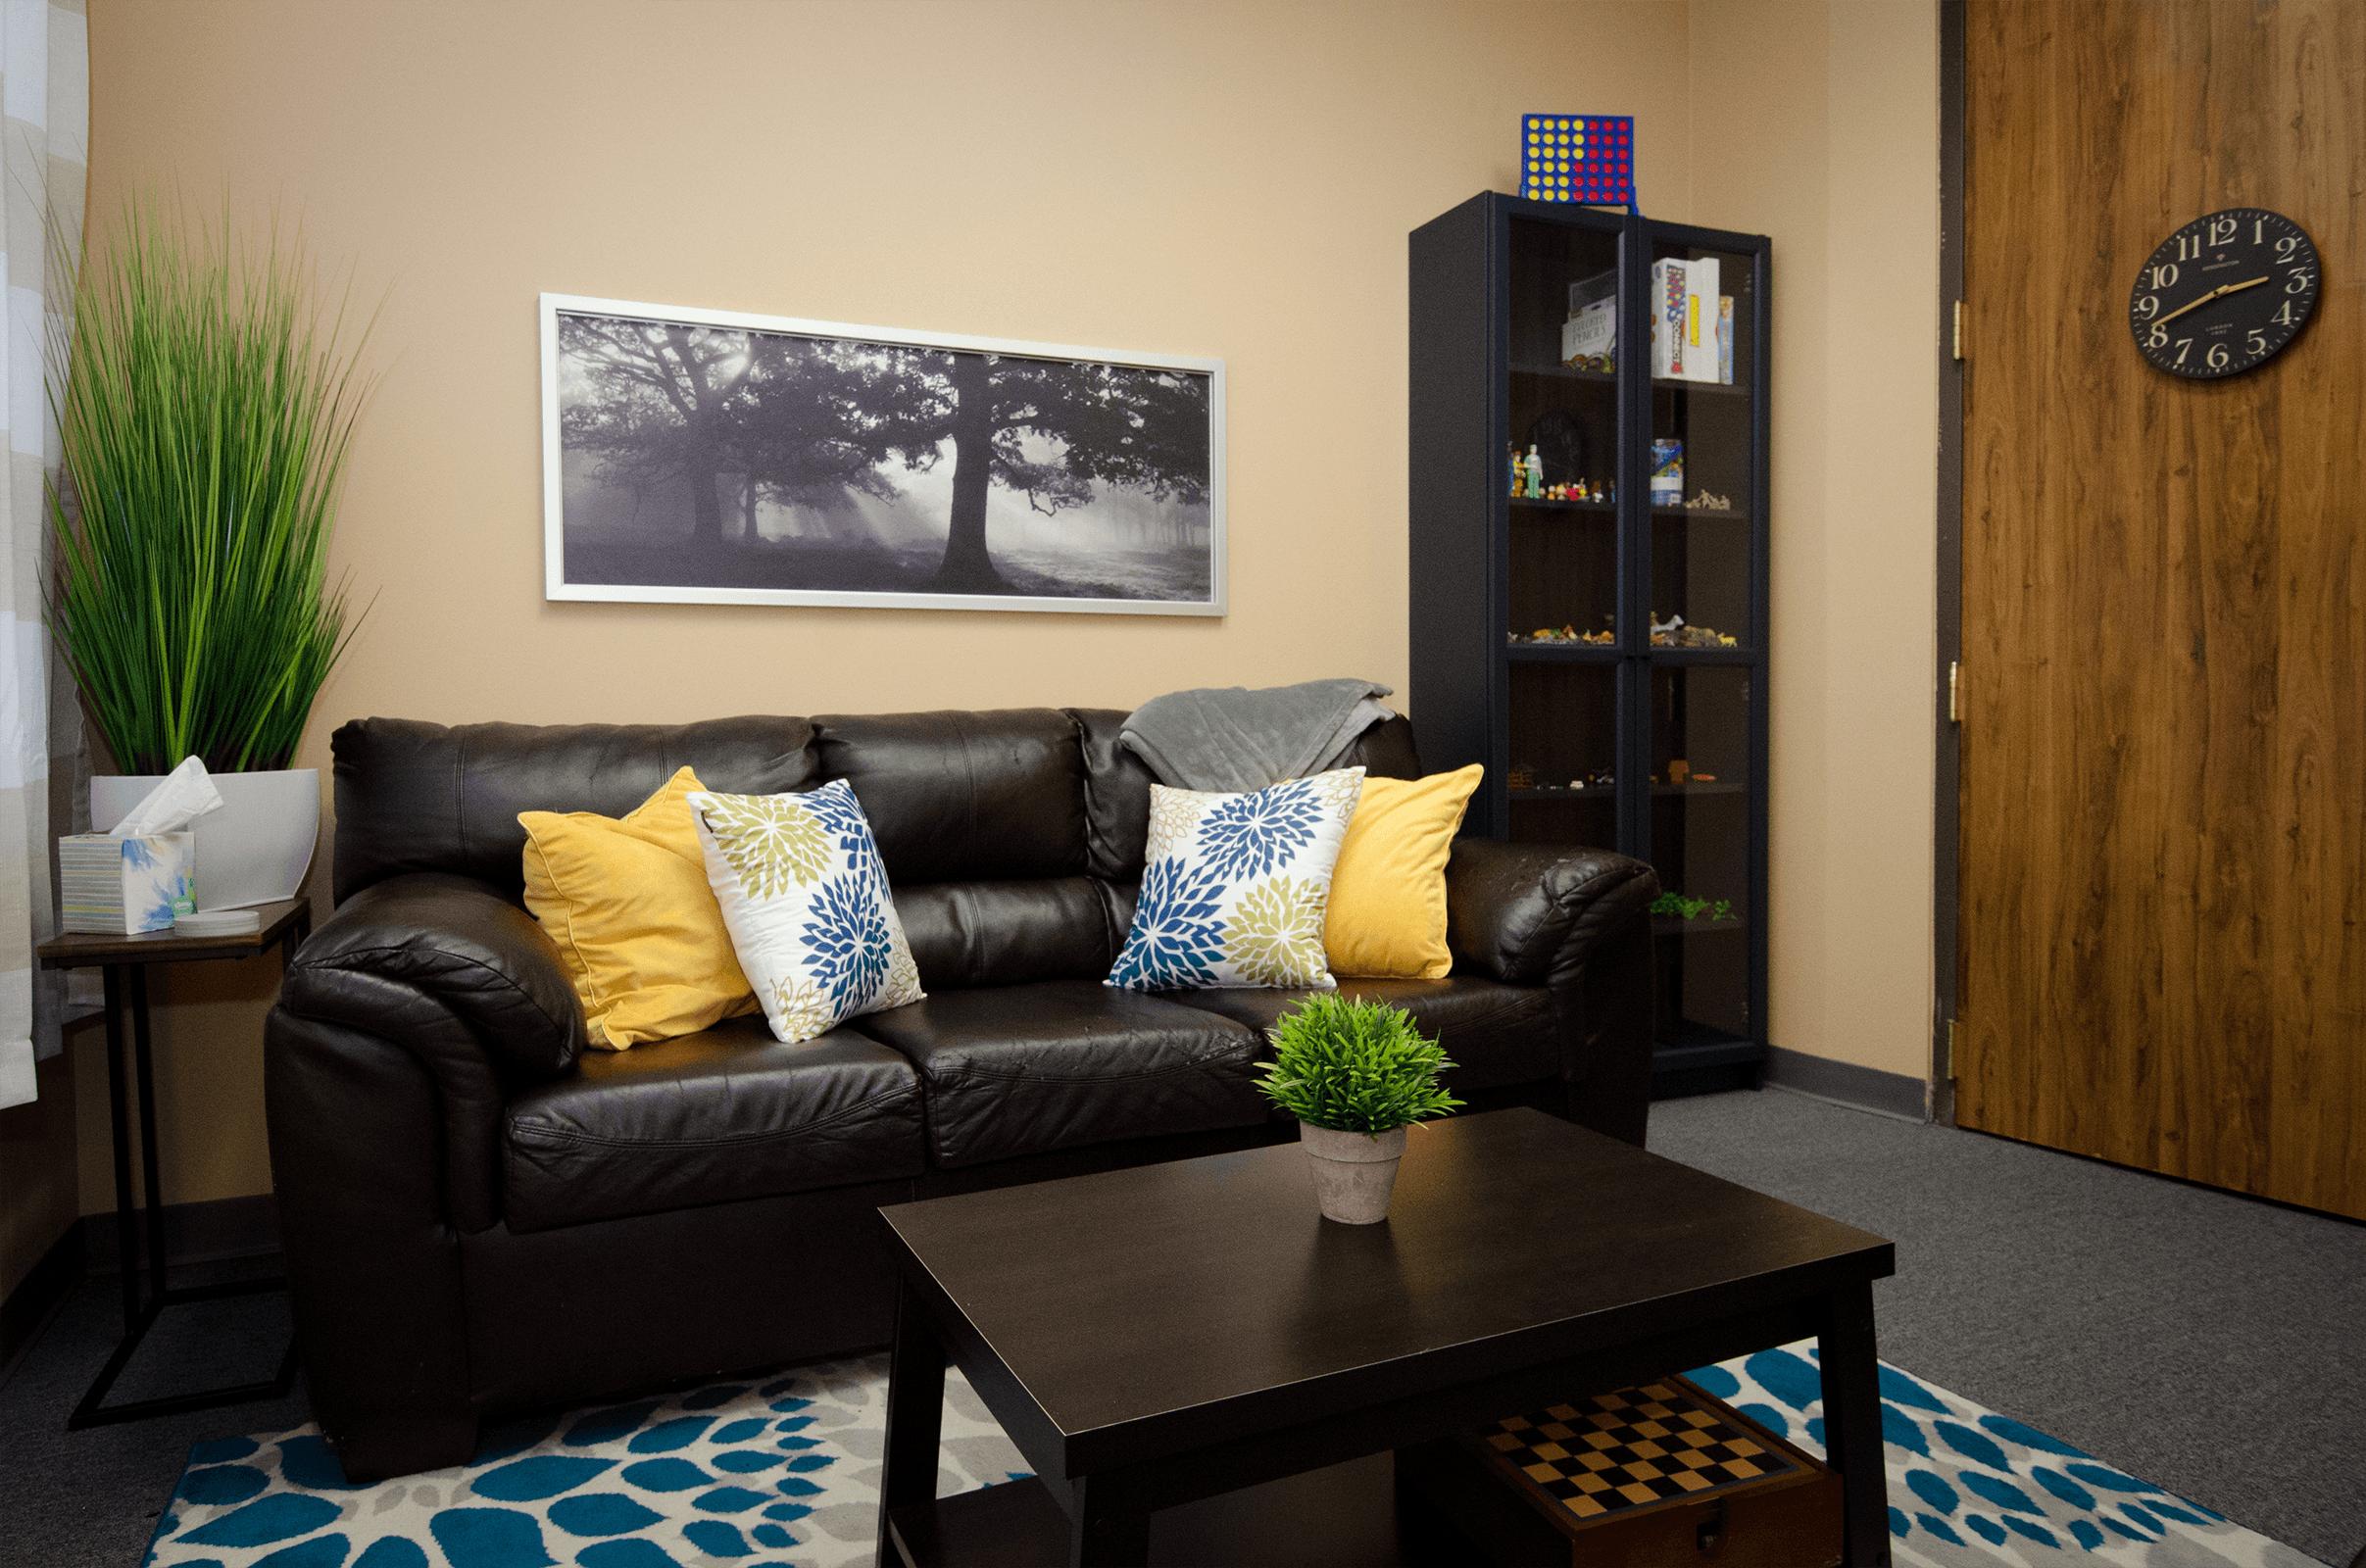 Josh's Office